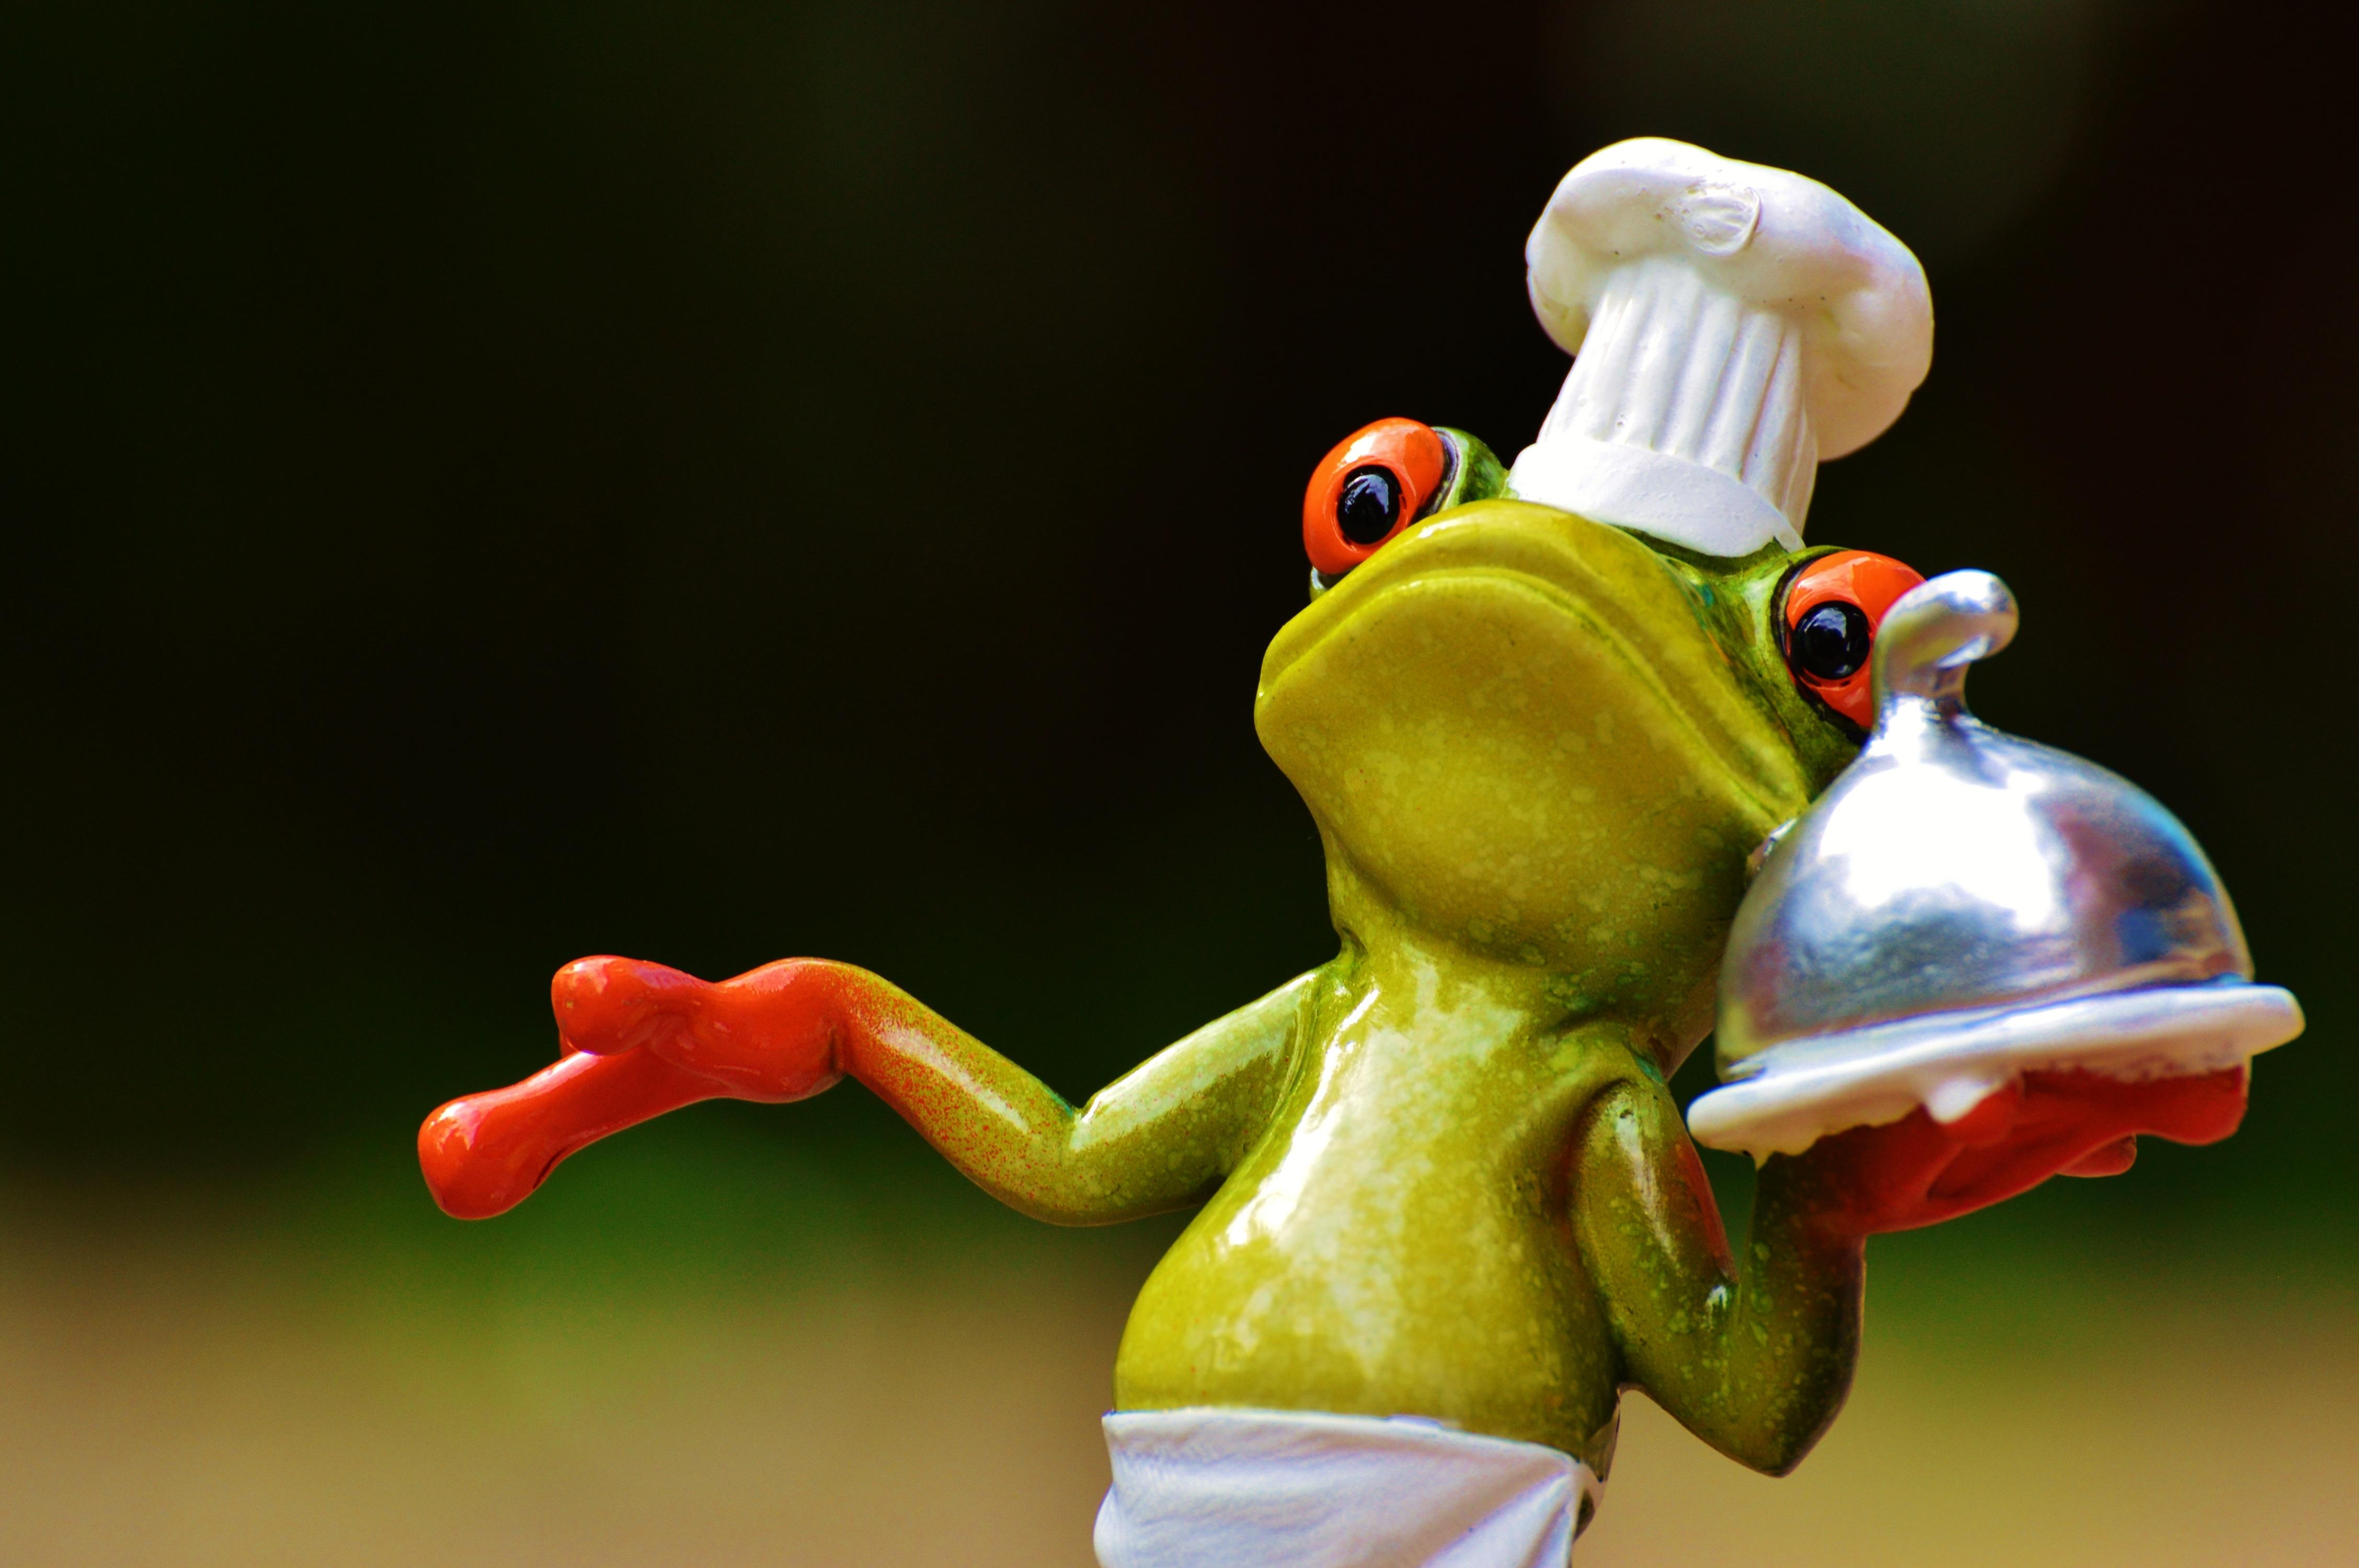 Kostenlose foto : süß, niedlich, Lebensmittel, Grün, Kochen, Küche ...